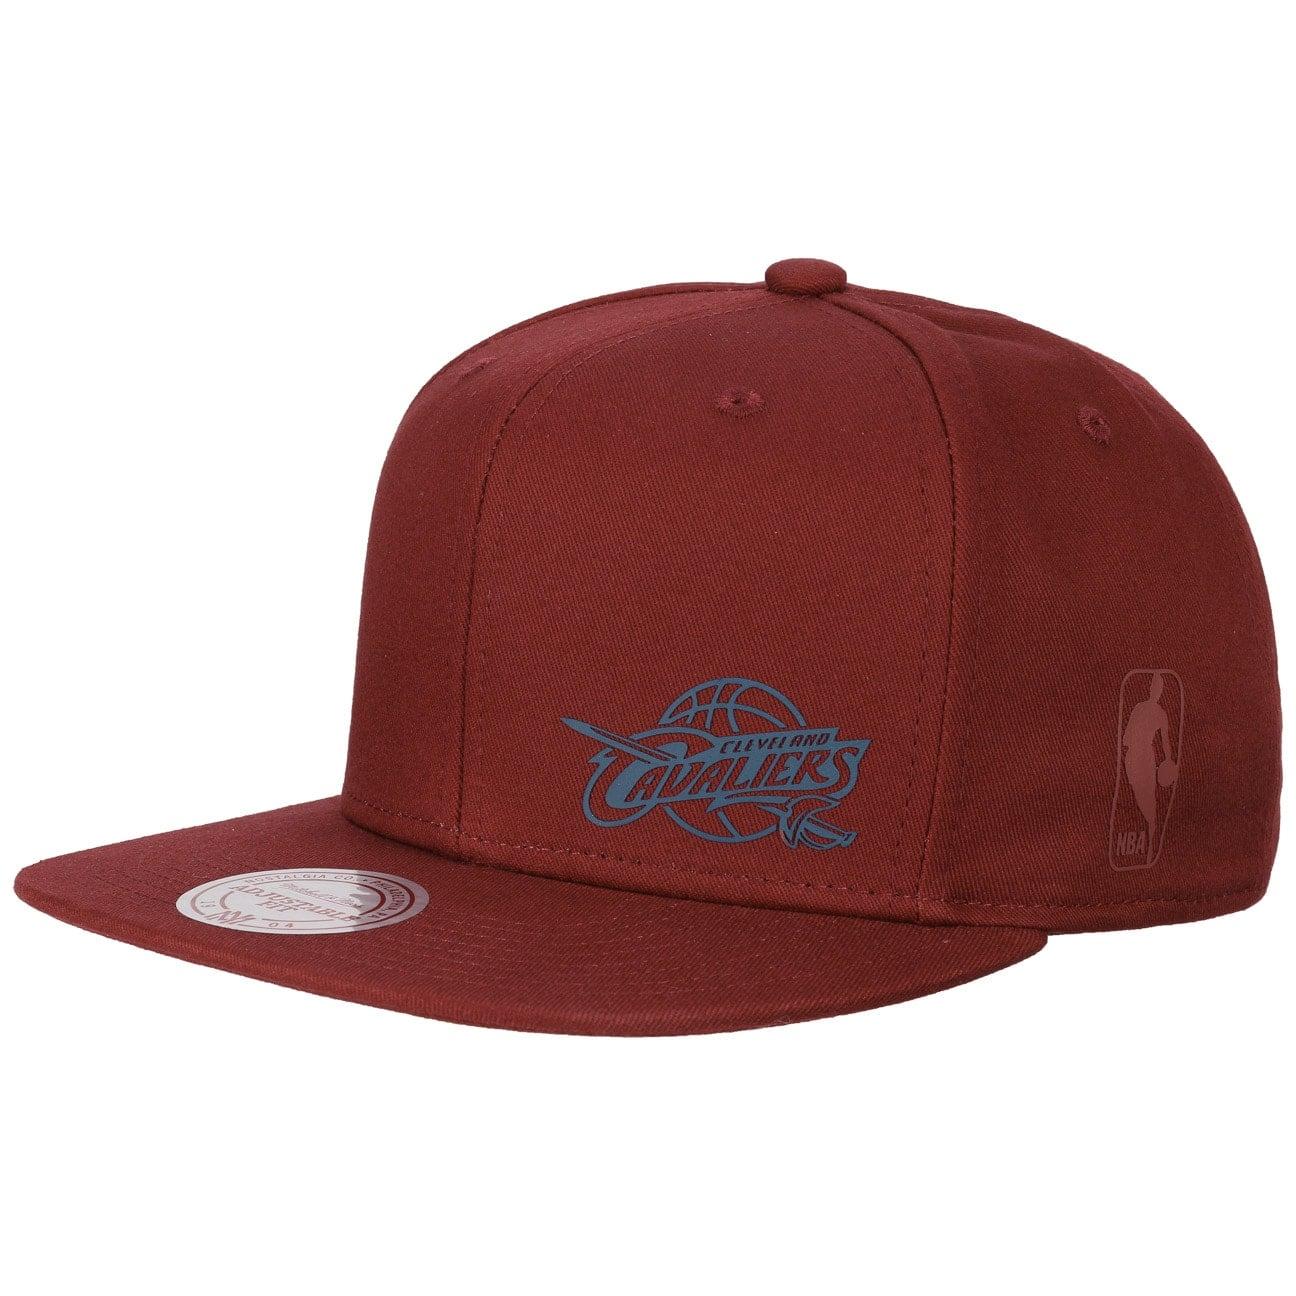 Absolute Cavs Cap by Mitchell & Ness  gorra de baseball